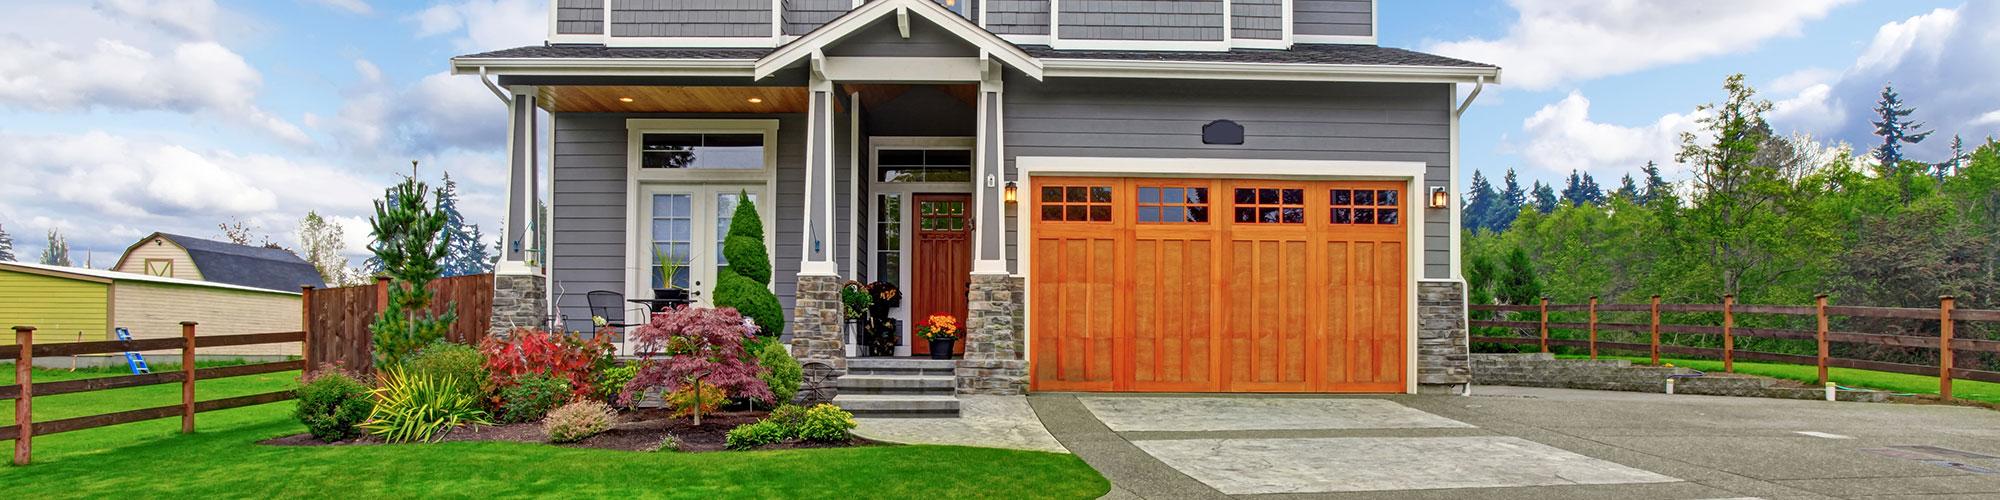 garage-door-repair-los-angeles-1 Garage Door Repair Burbank